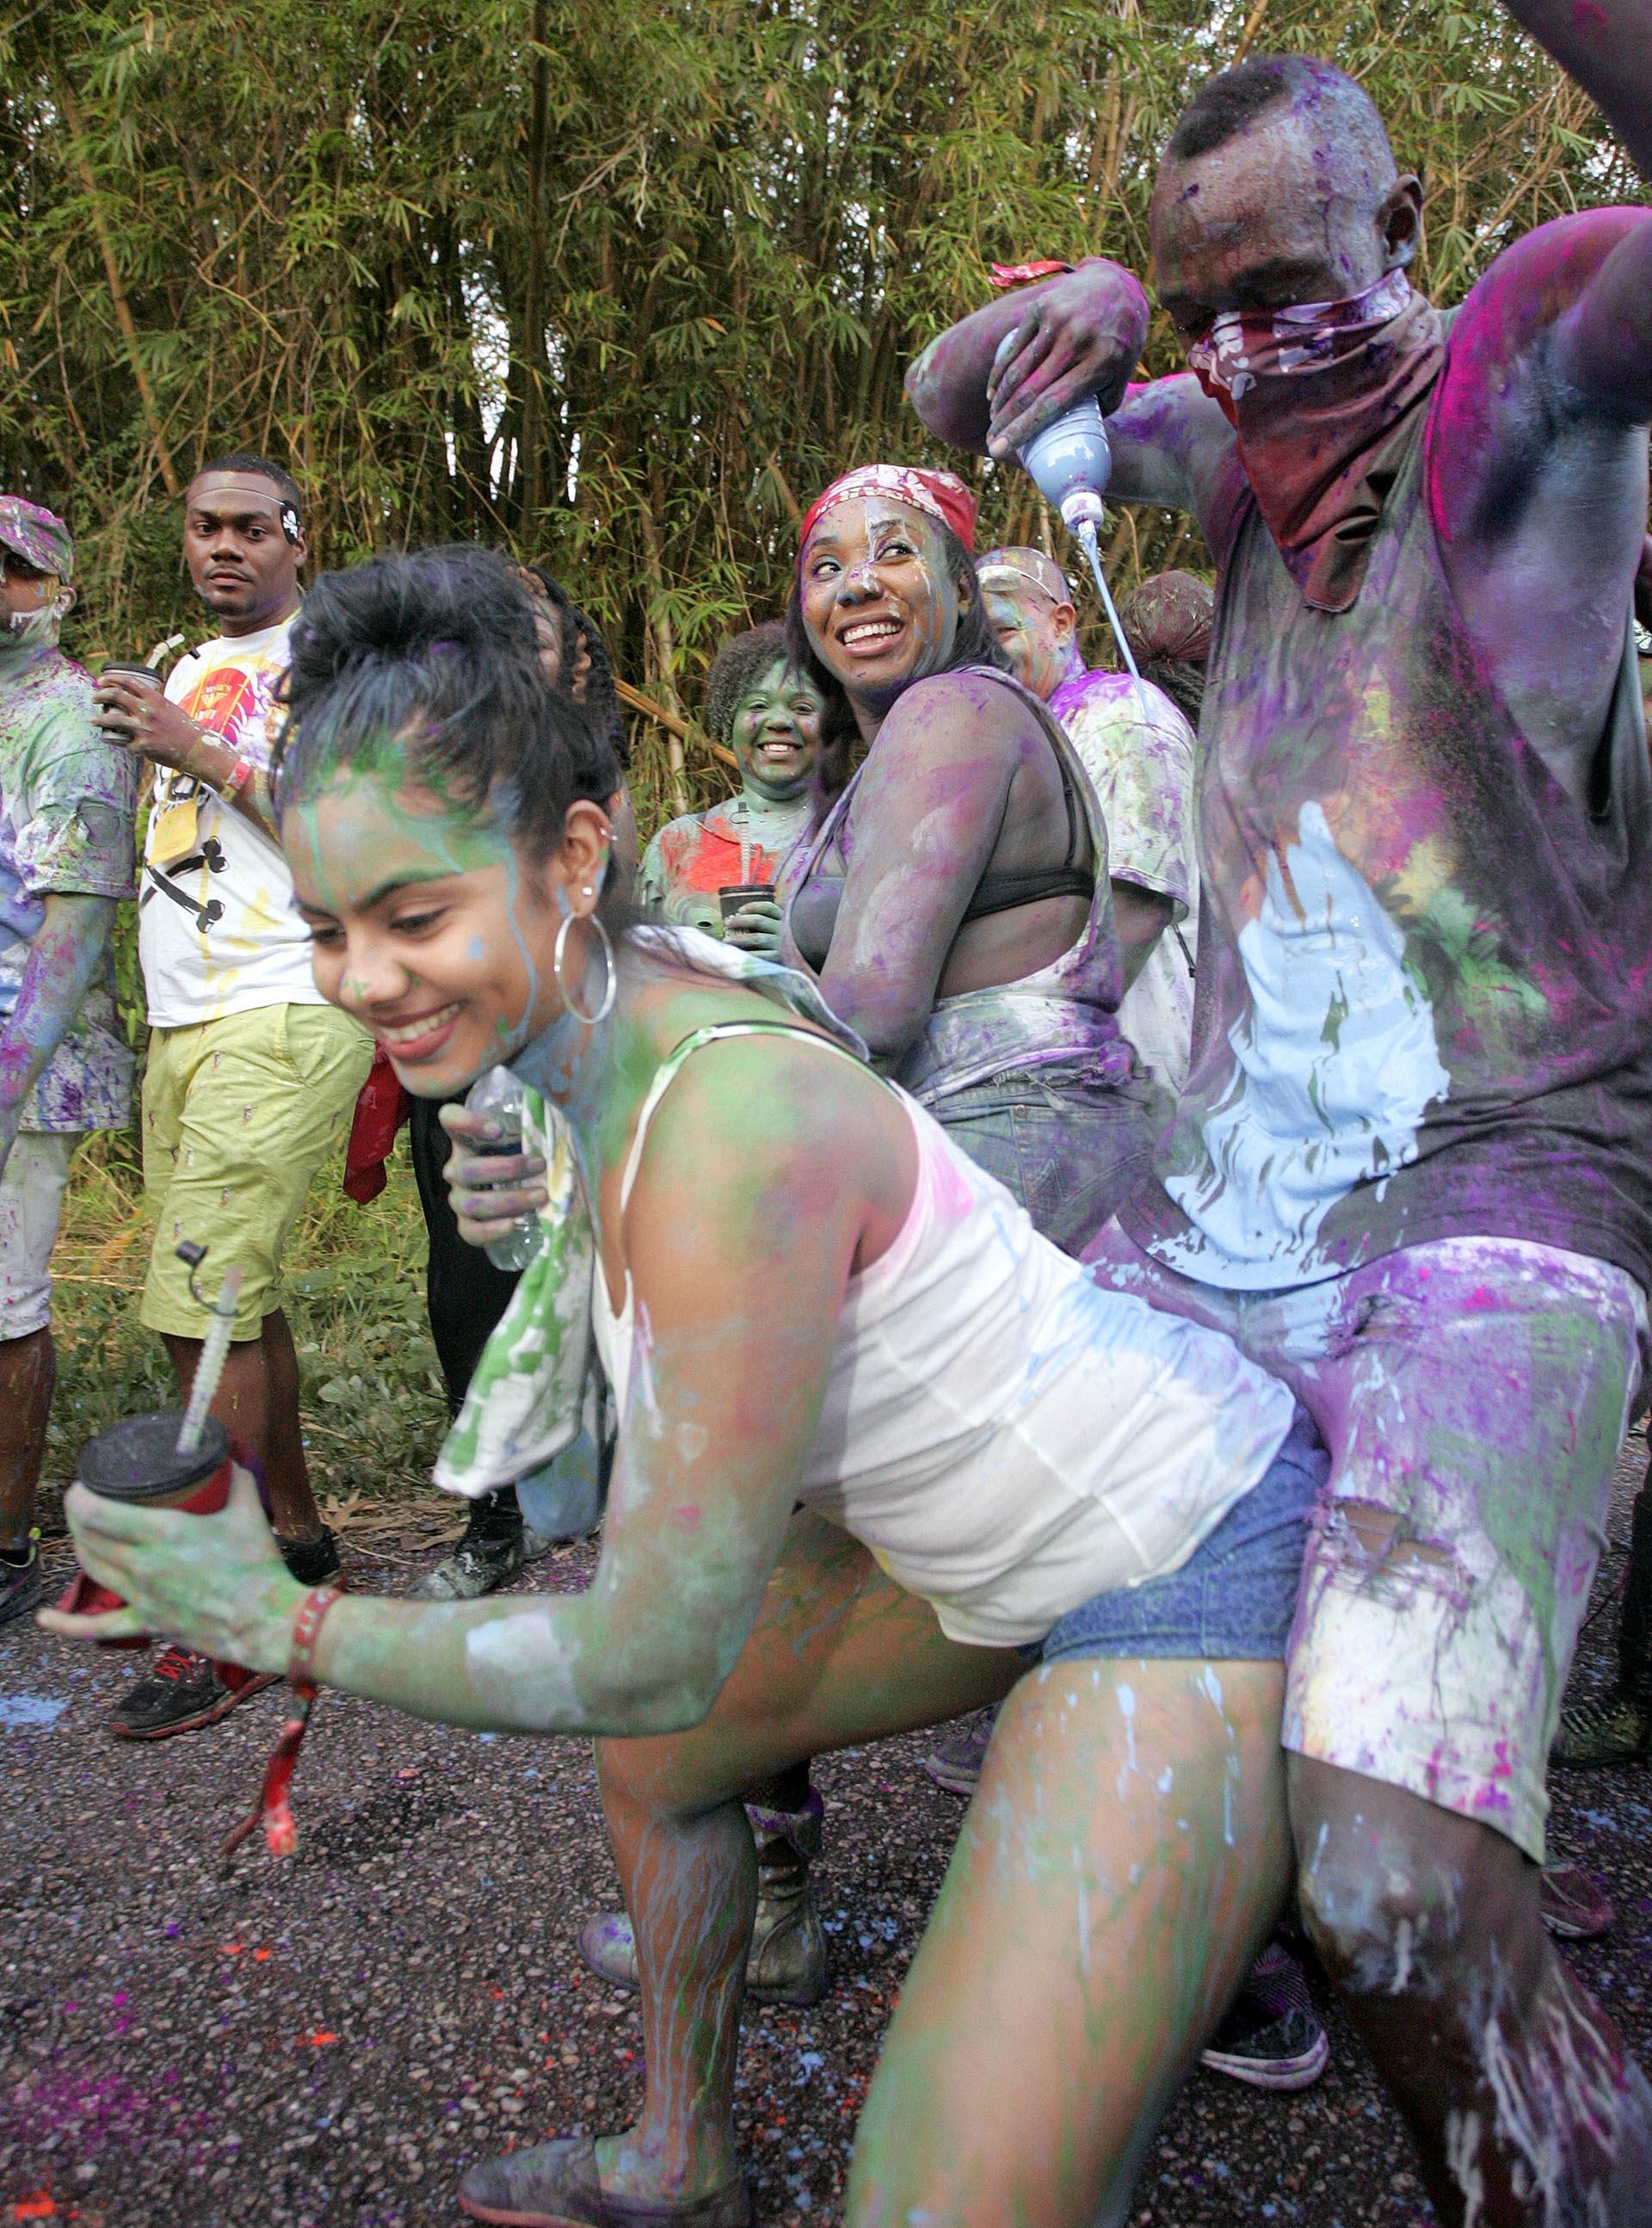 Con bebidas, pintura y música, Bolt celebró con alegría el Carnaval (The Grosby Group)